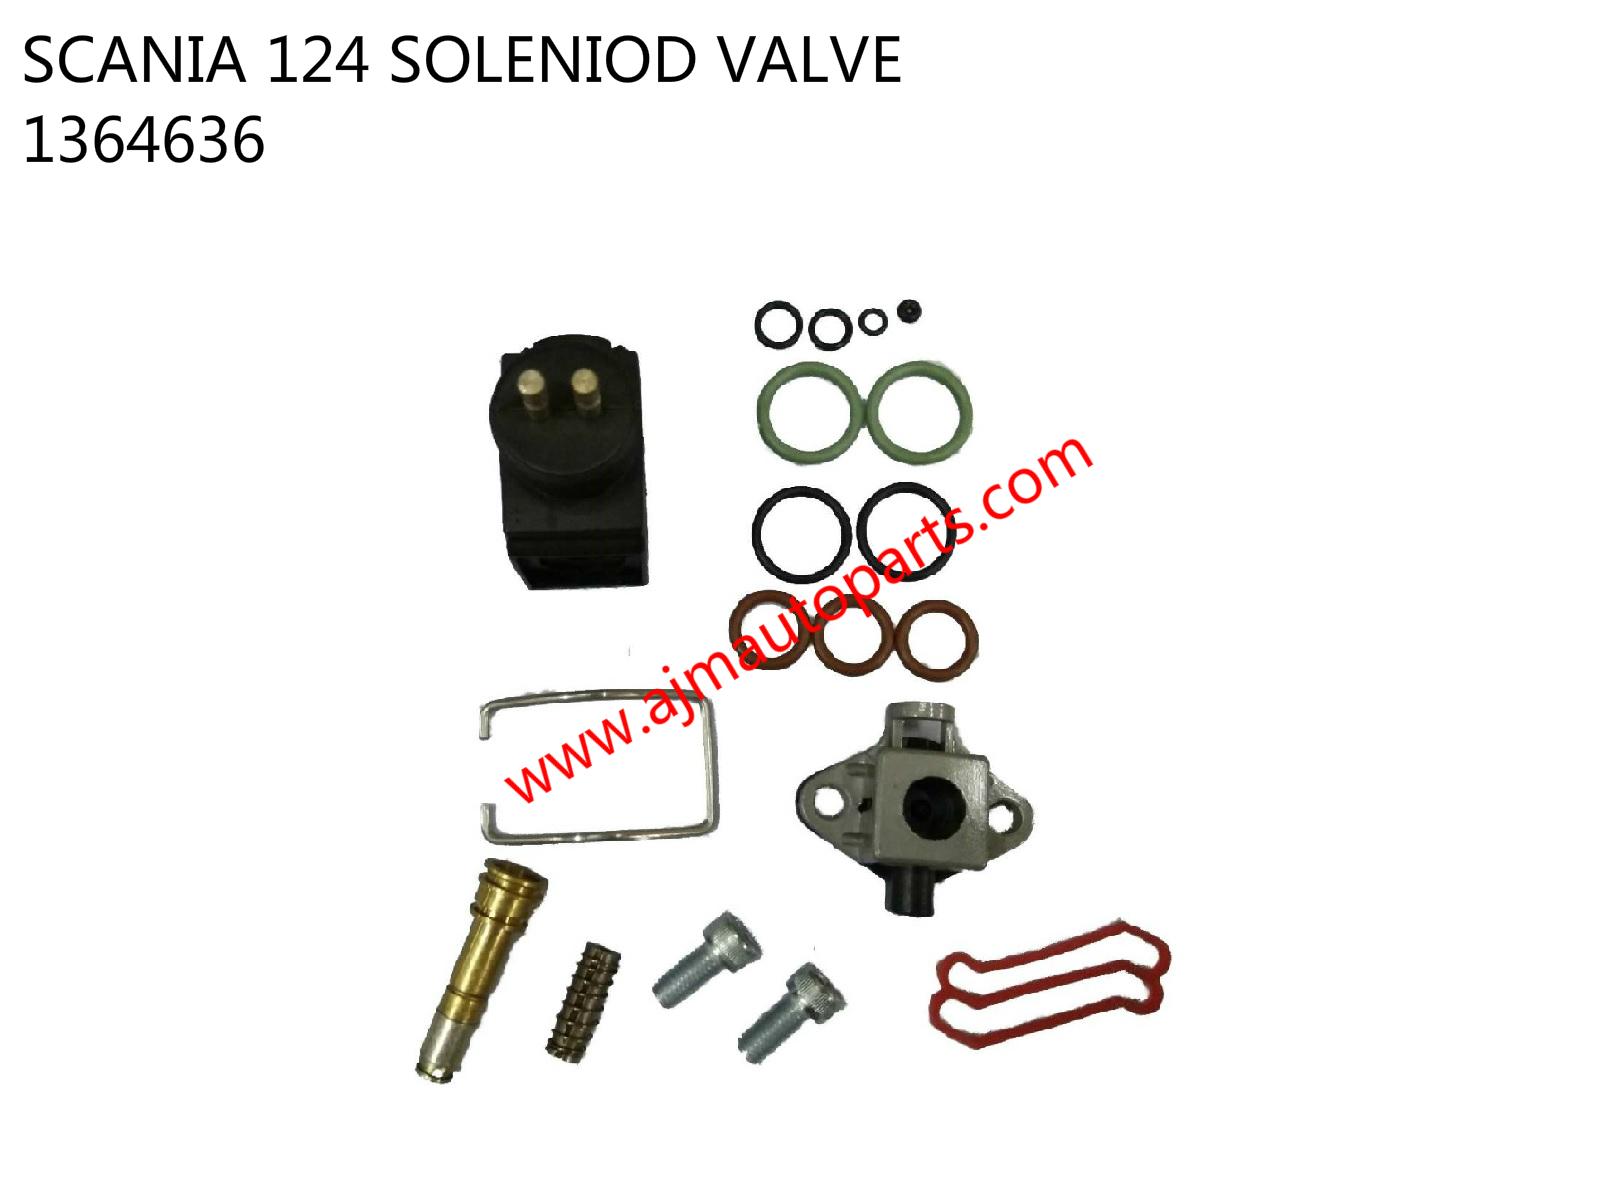 SCANIA 124 SOLENIOD VALVE-1364636